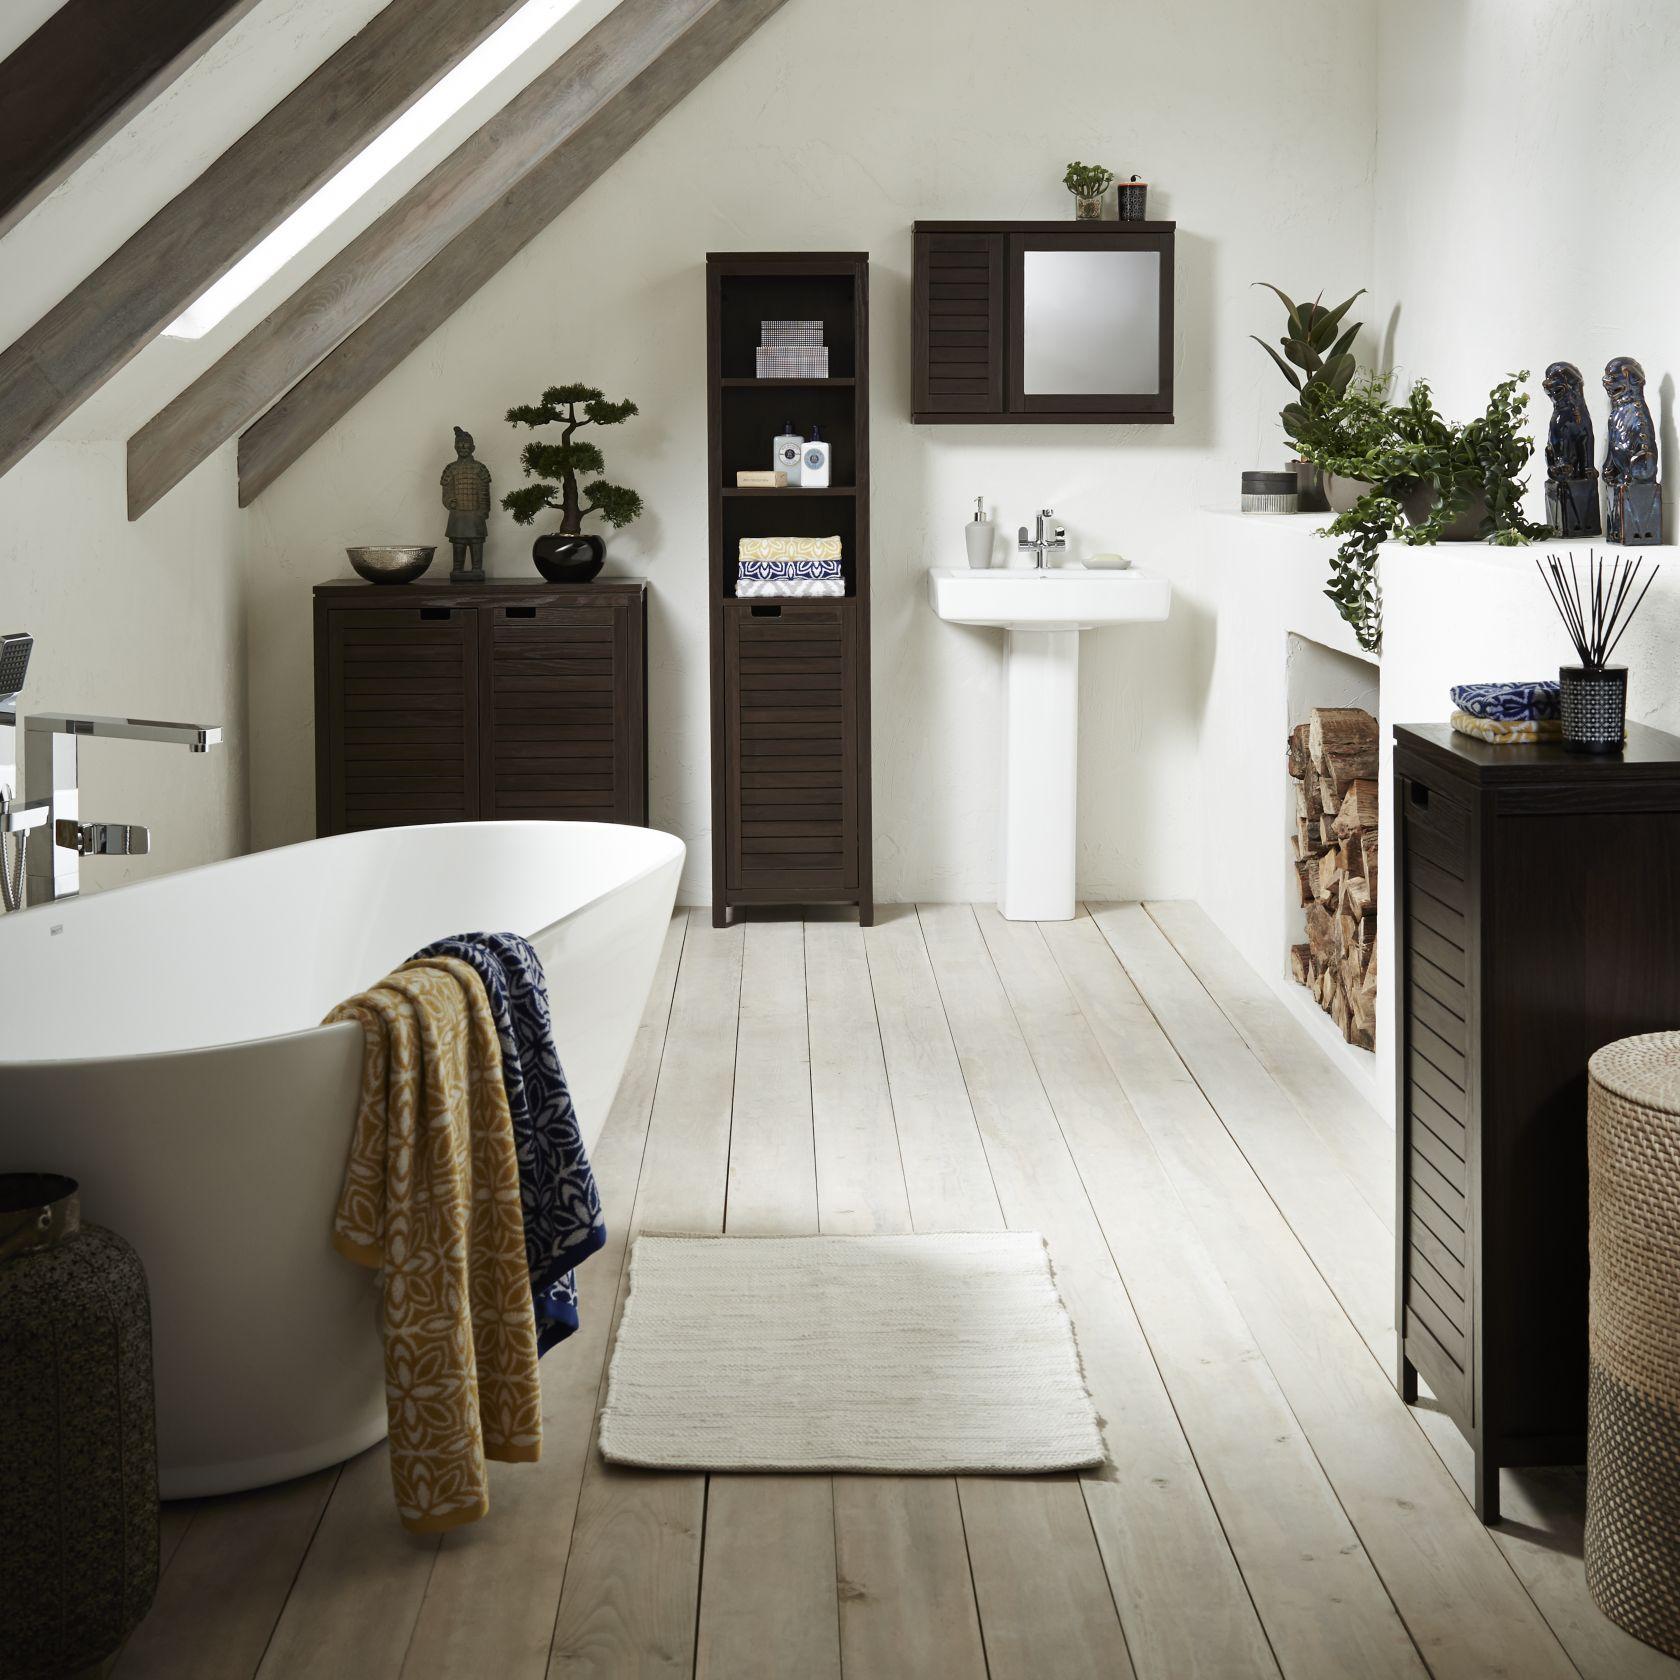 john lewis & partners bali bathroom furniture range at john lewis